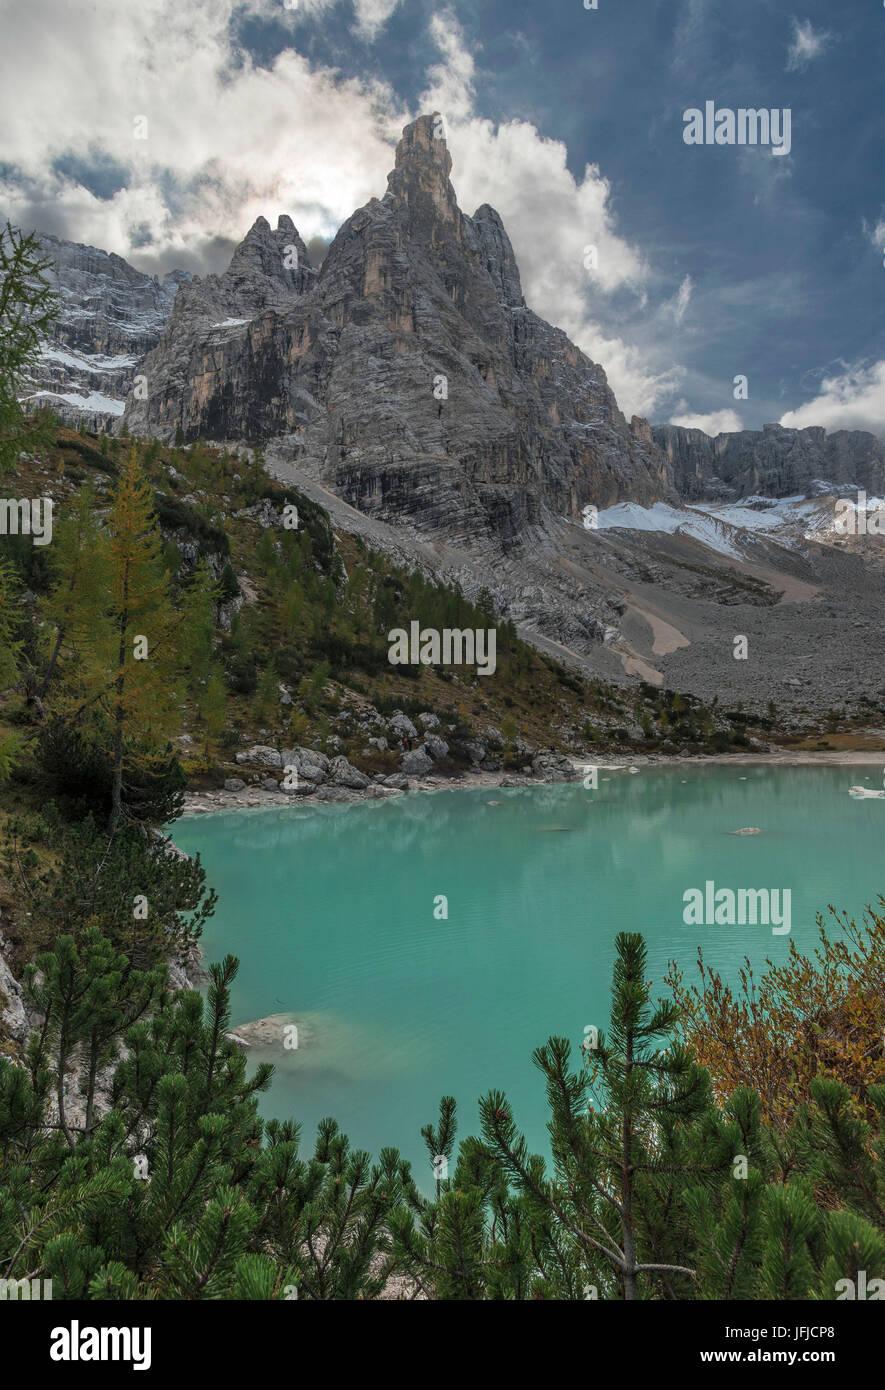 Il Sorapiss Lago, Belluno, Dolomiti, Veneto, Italia, dito di Dio e il Sorapiss lago Immagini Stock